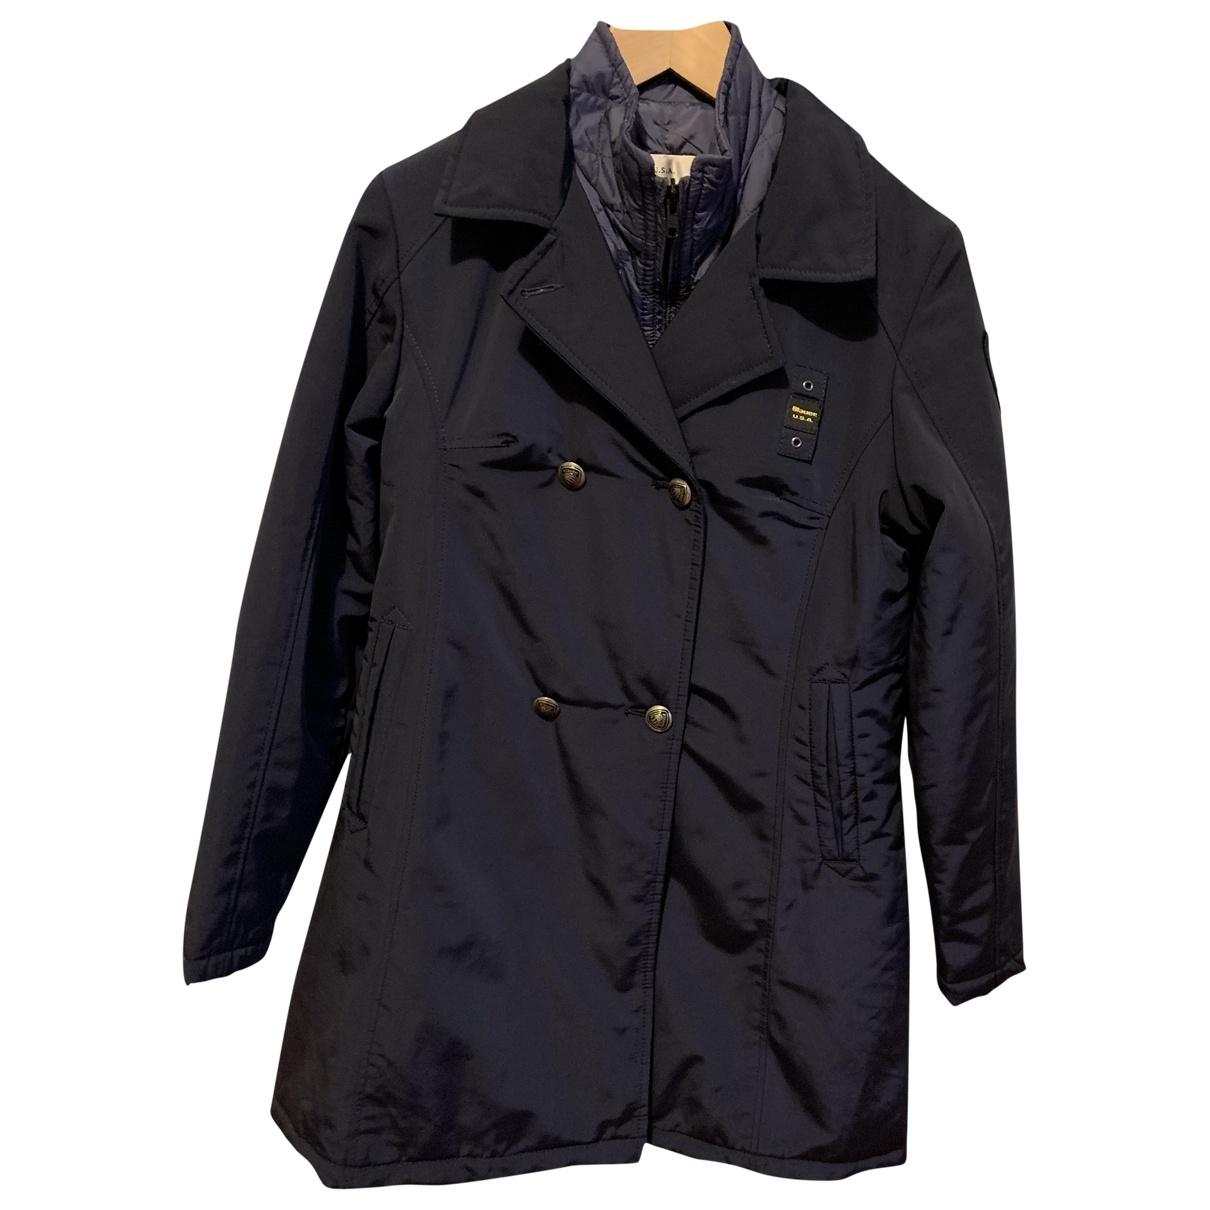 Blauer \N Blue jacket & coat for Kids 14 years - S UK